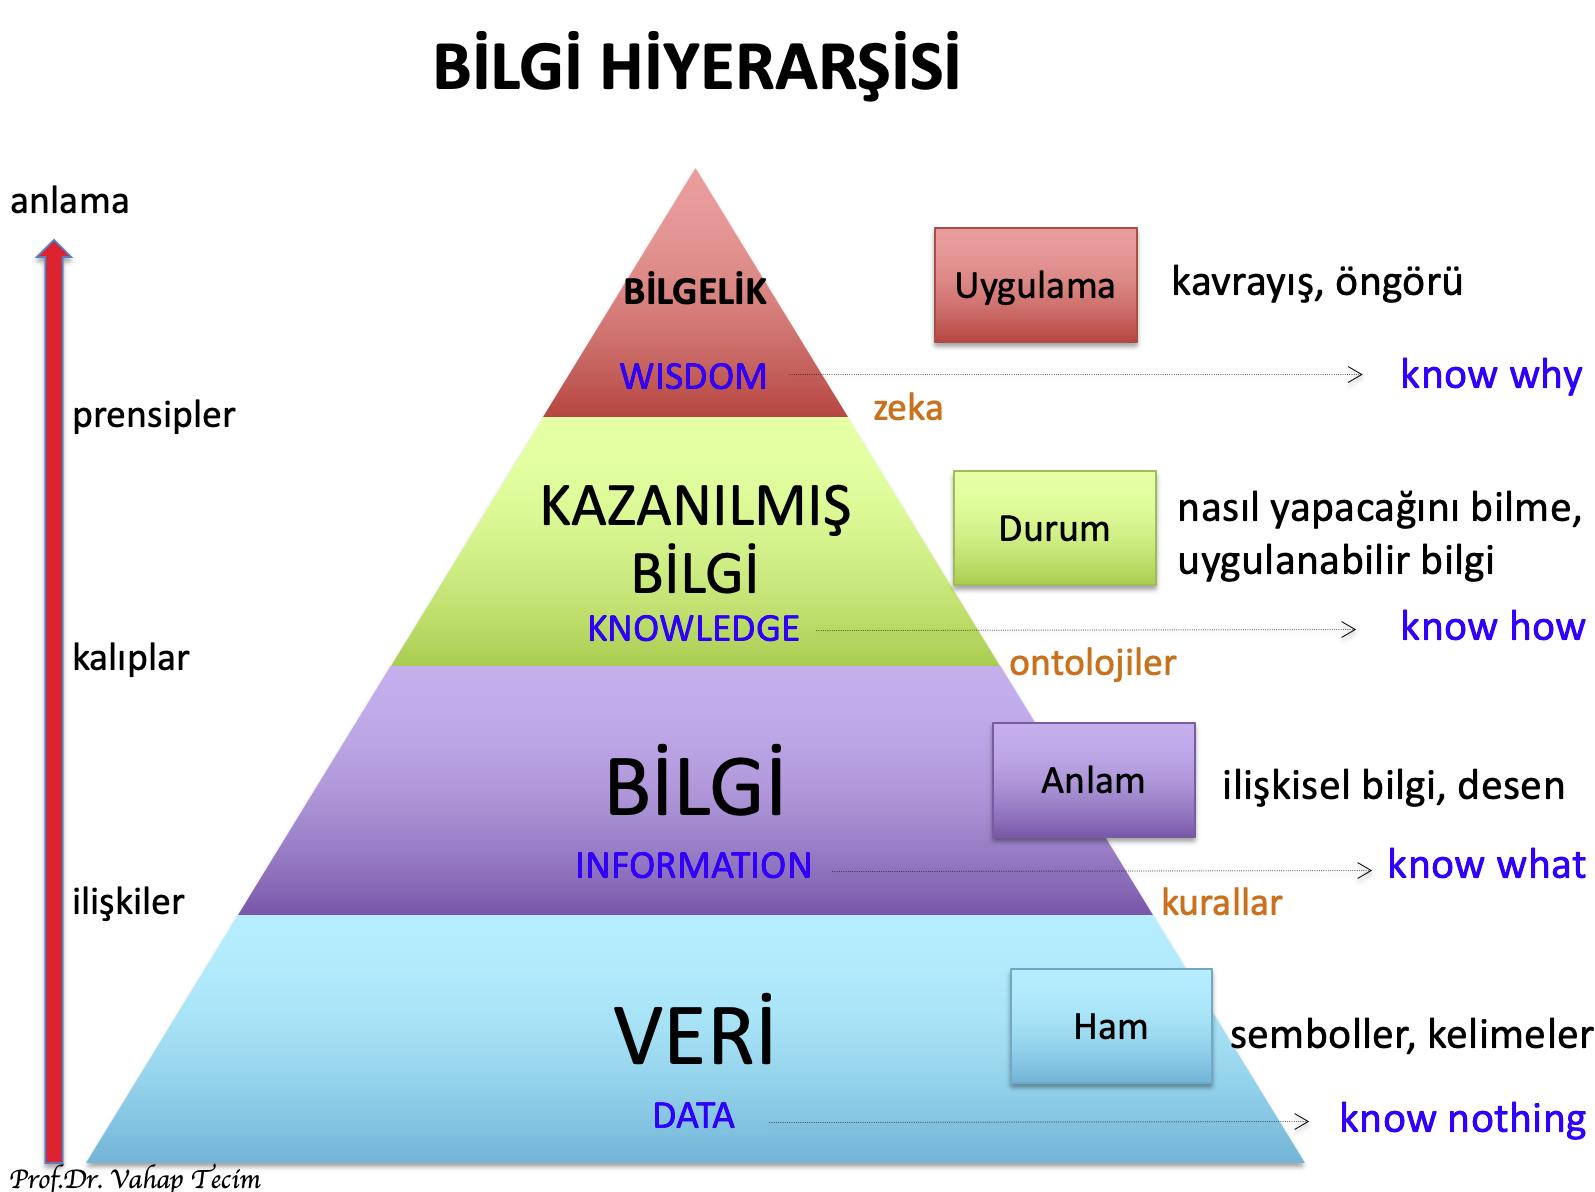 BilgiHiyerarşisi-1